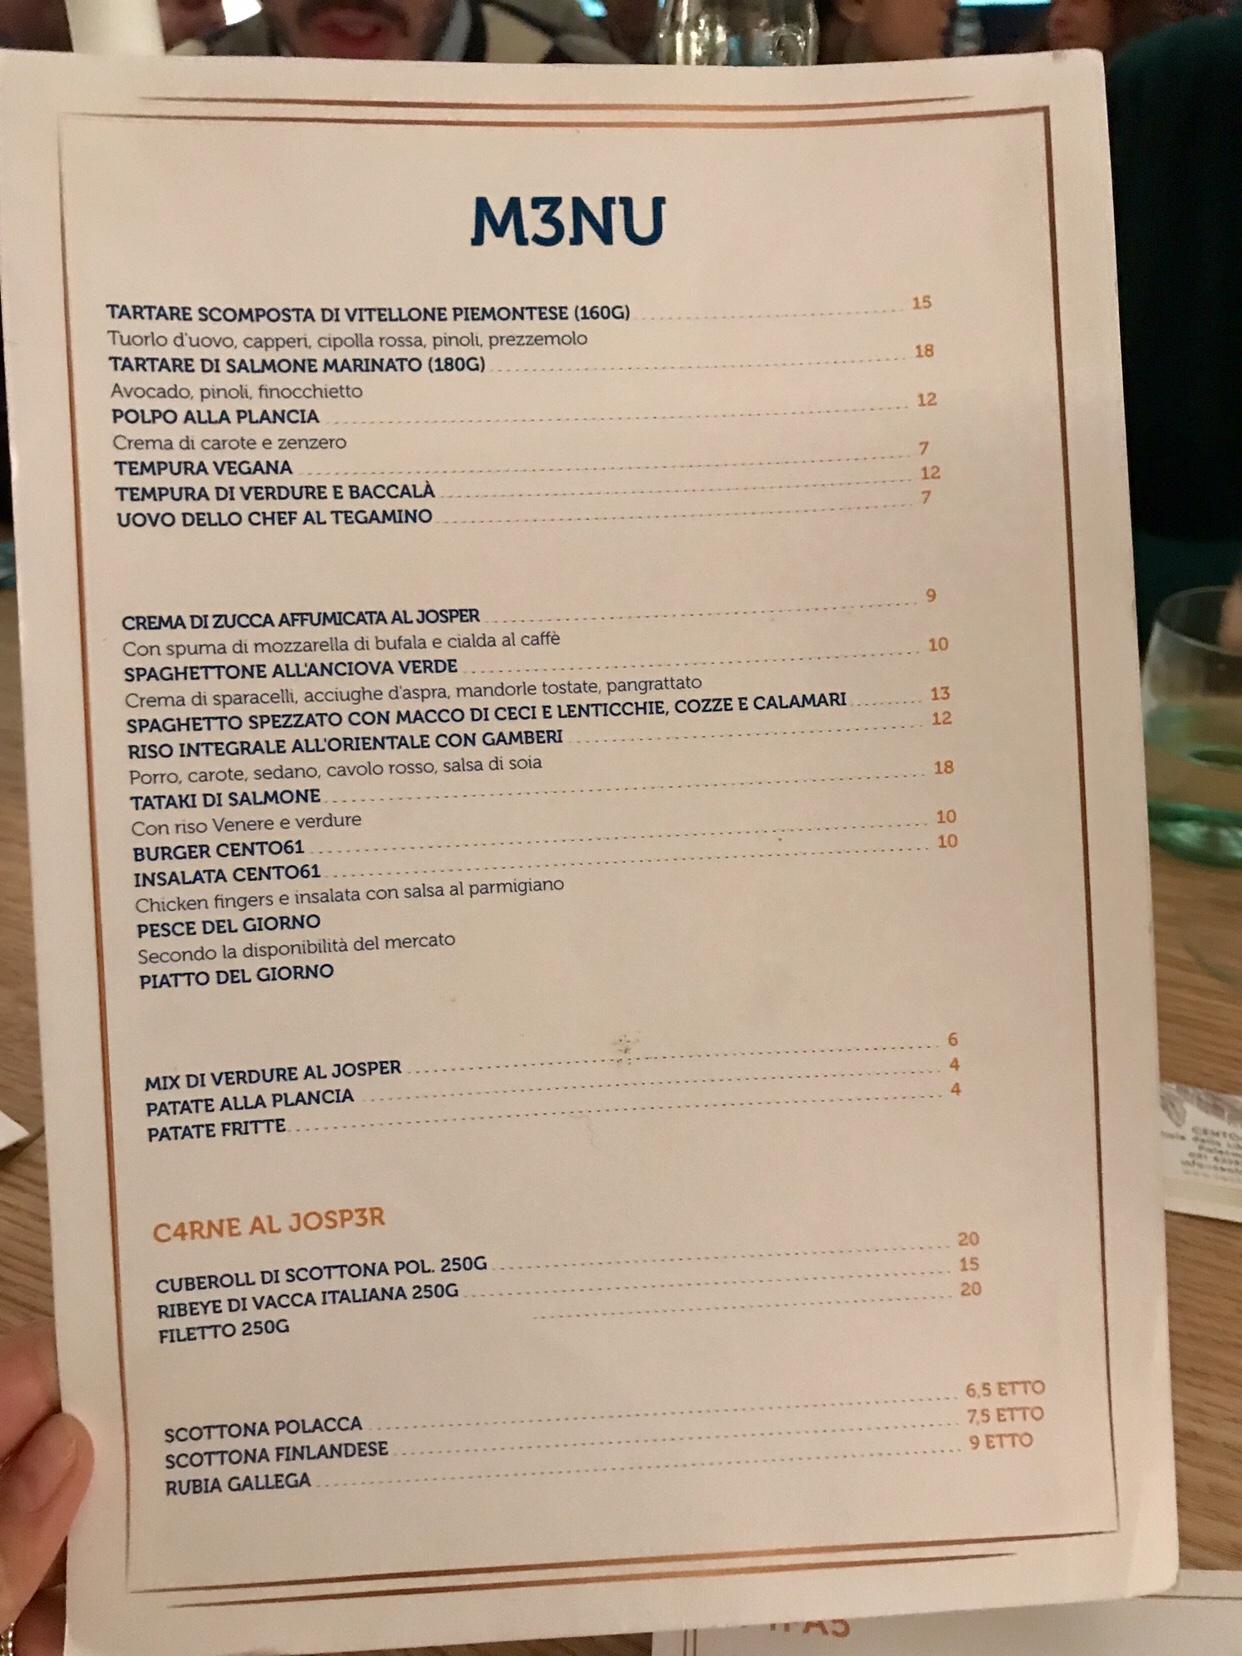 cento61 ristorante menu